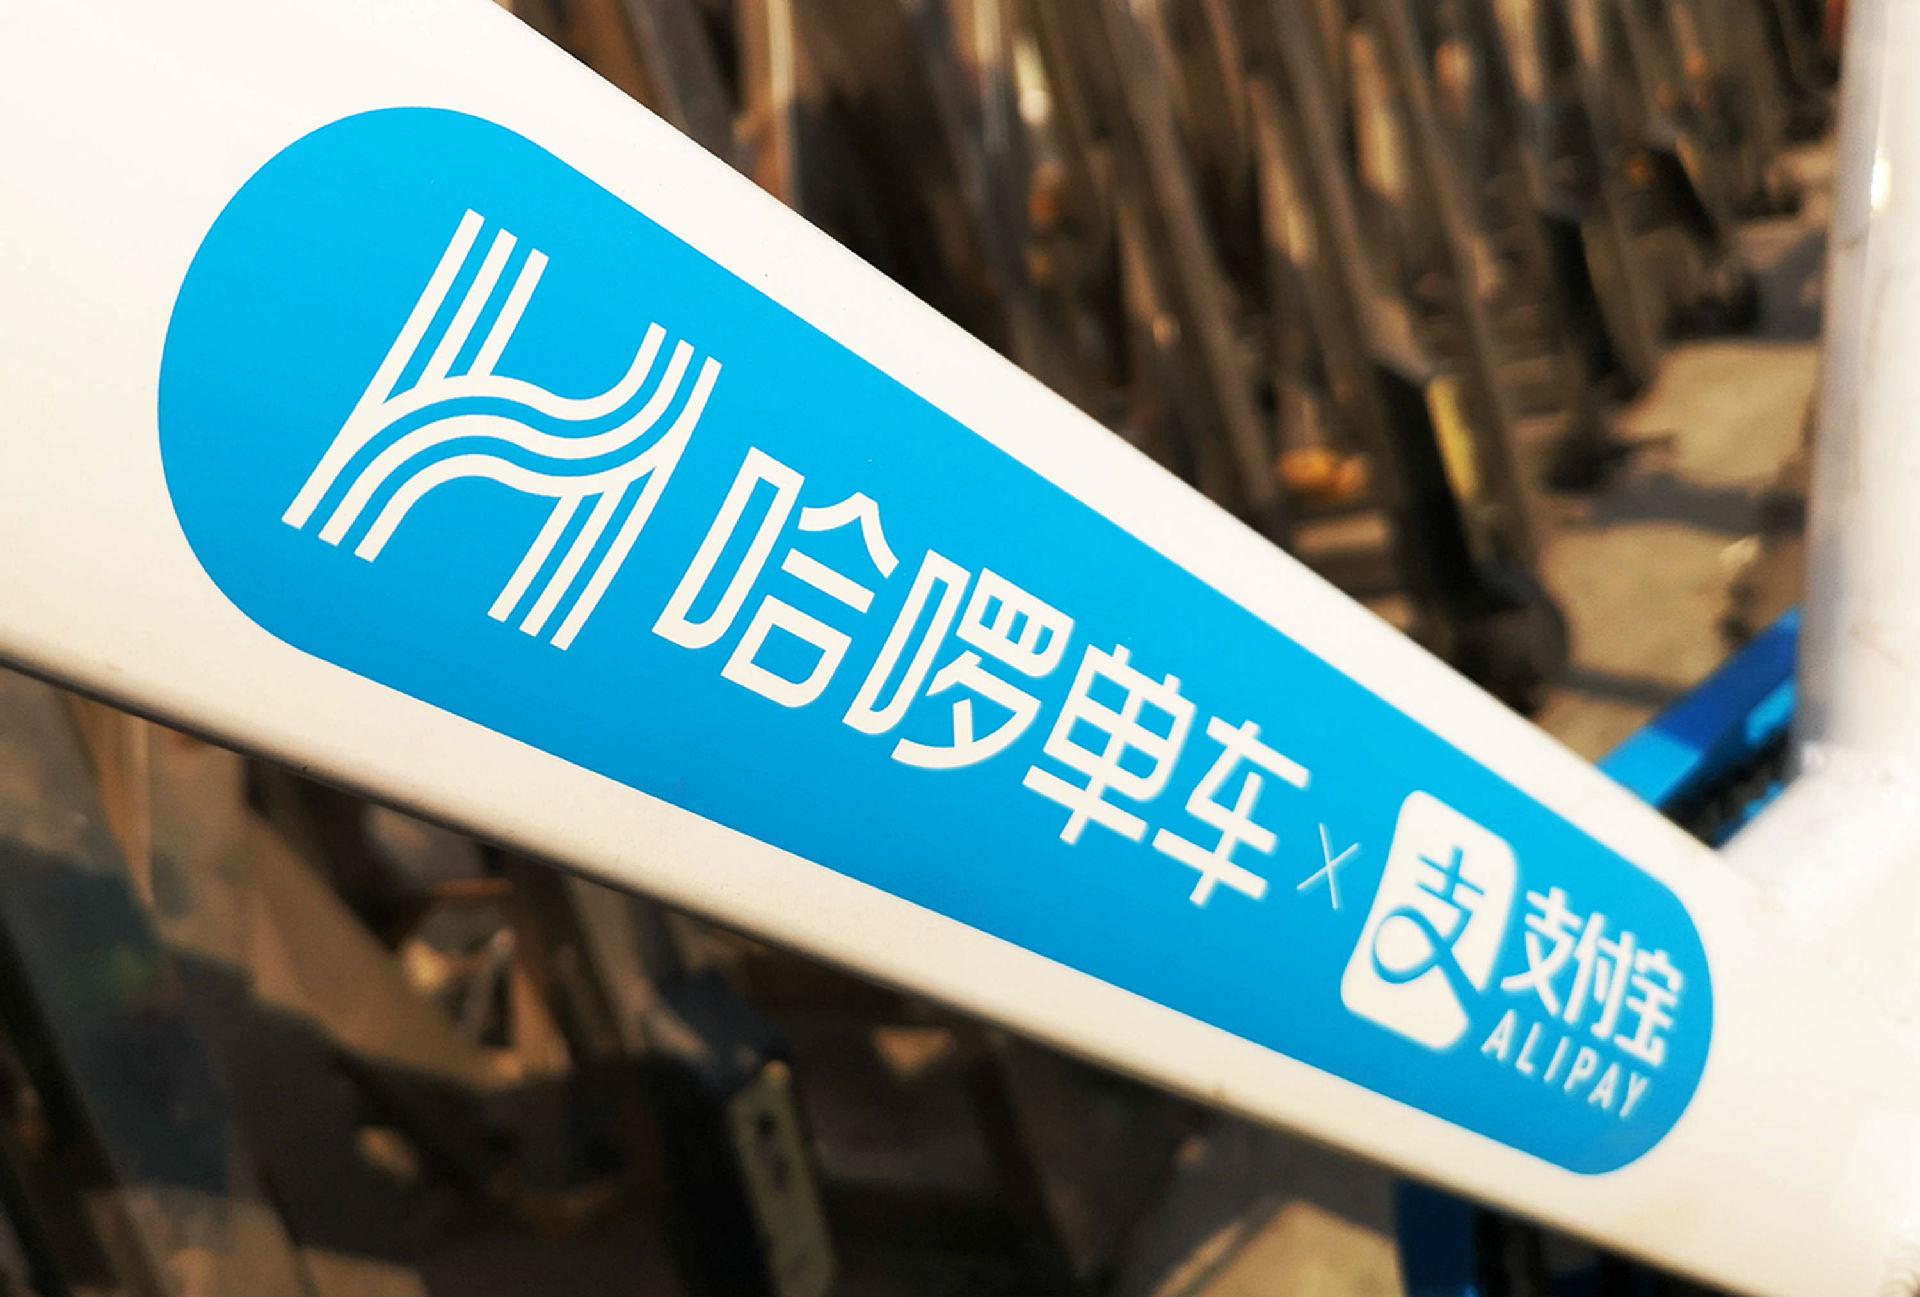 哈��出行电动车平台事业部独立为一级部门,与单车业务重量级平行